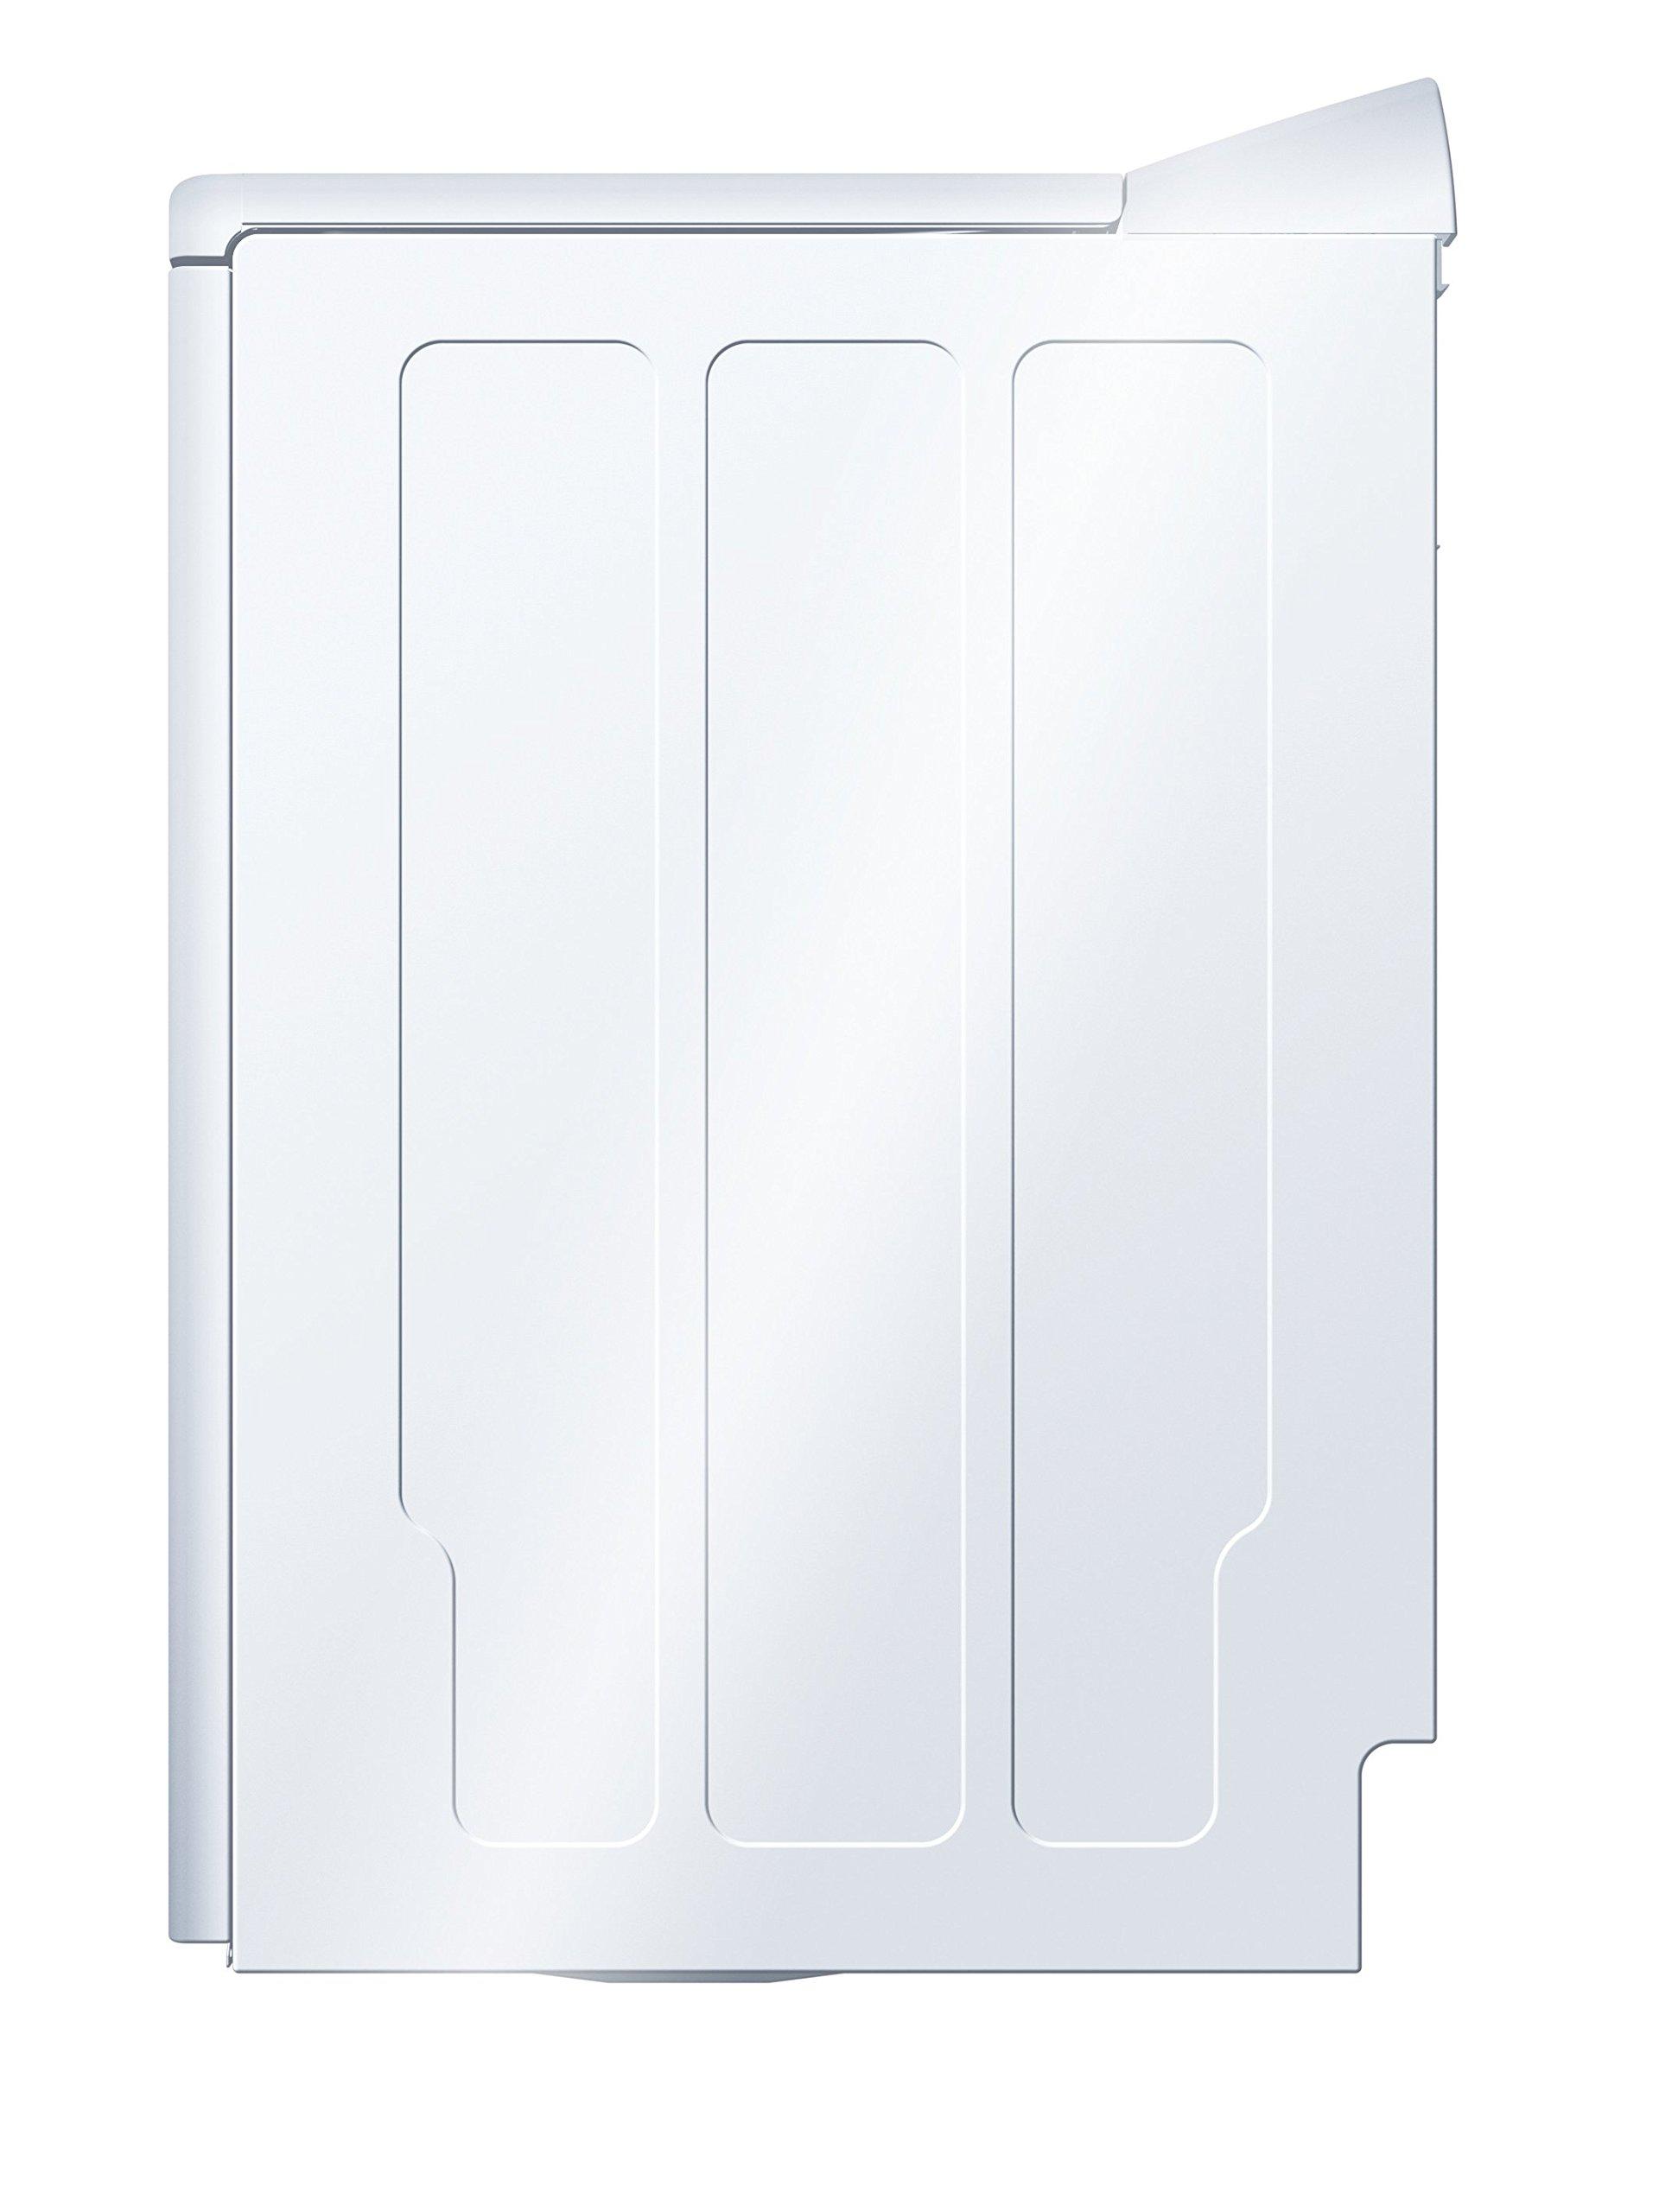 Bosch-WOT24447-Serie-6-Waschmaschine-TL-A-174-kWhJahr-1140-UpM-7-kg-Wei-AquaStop